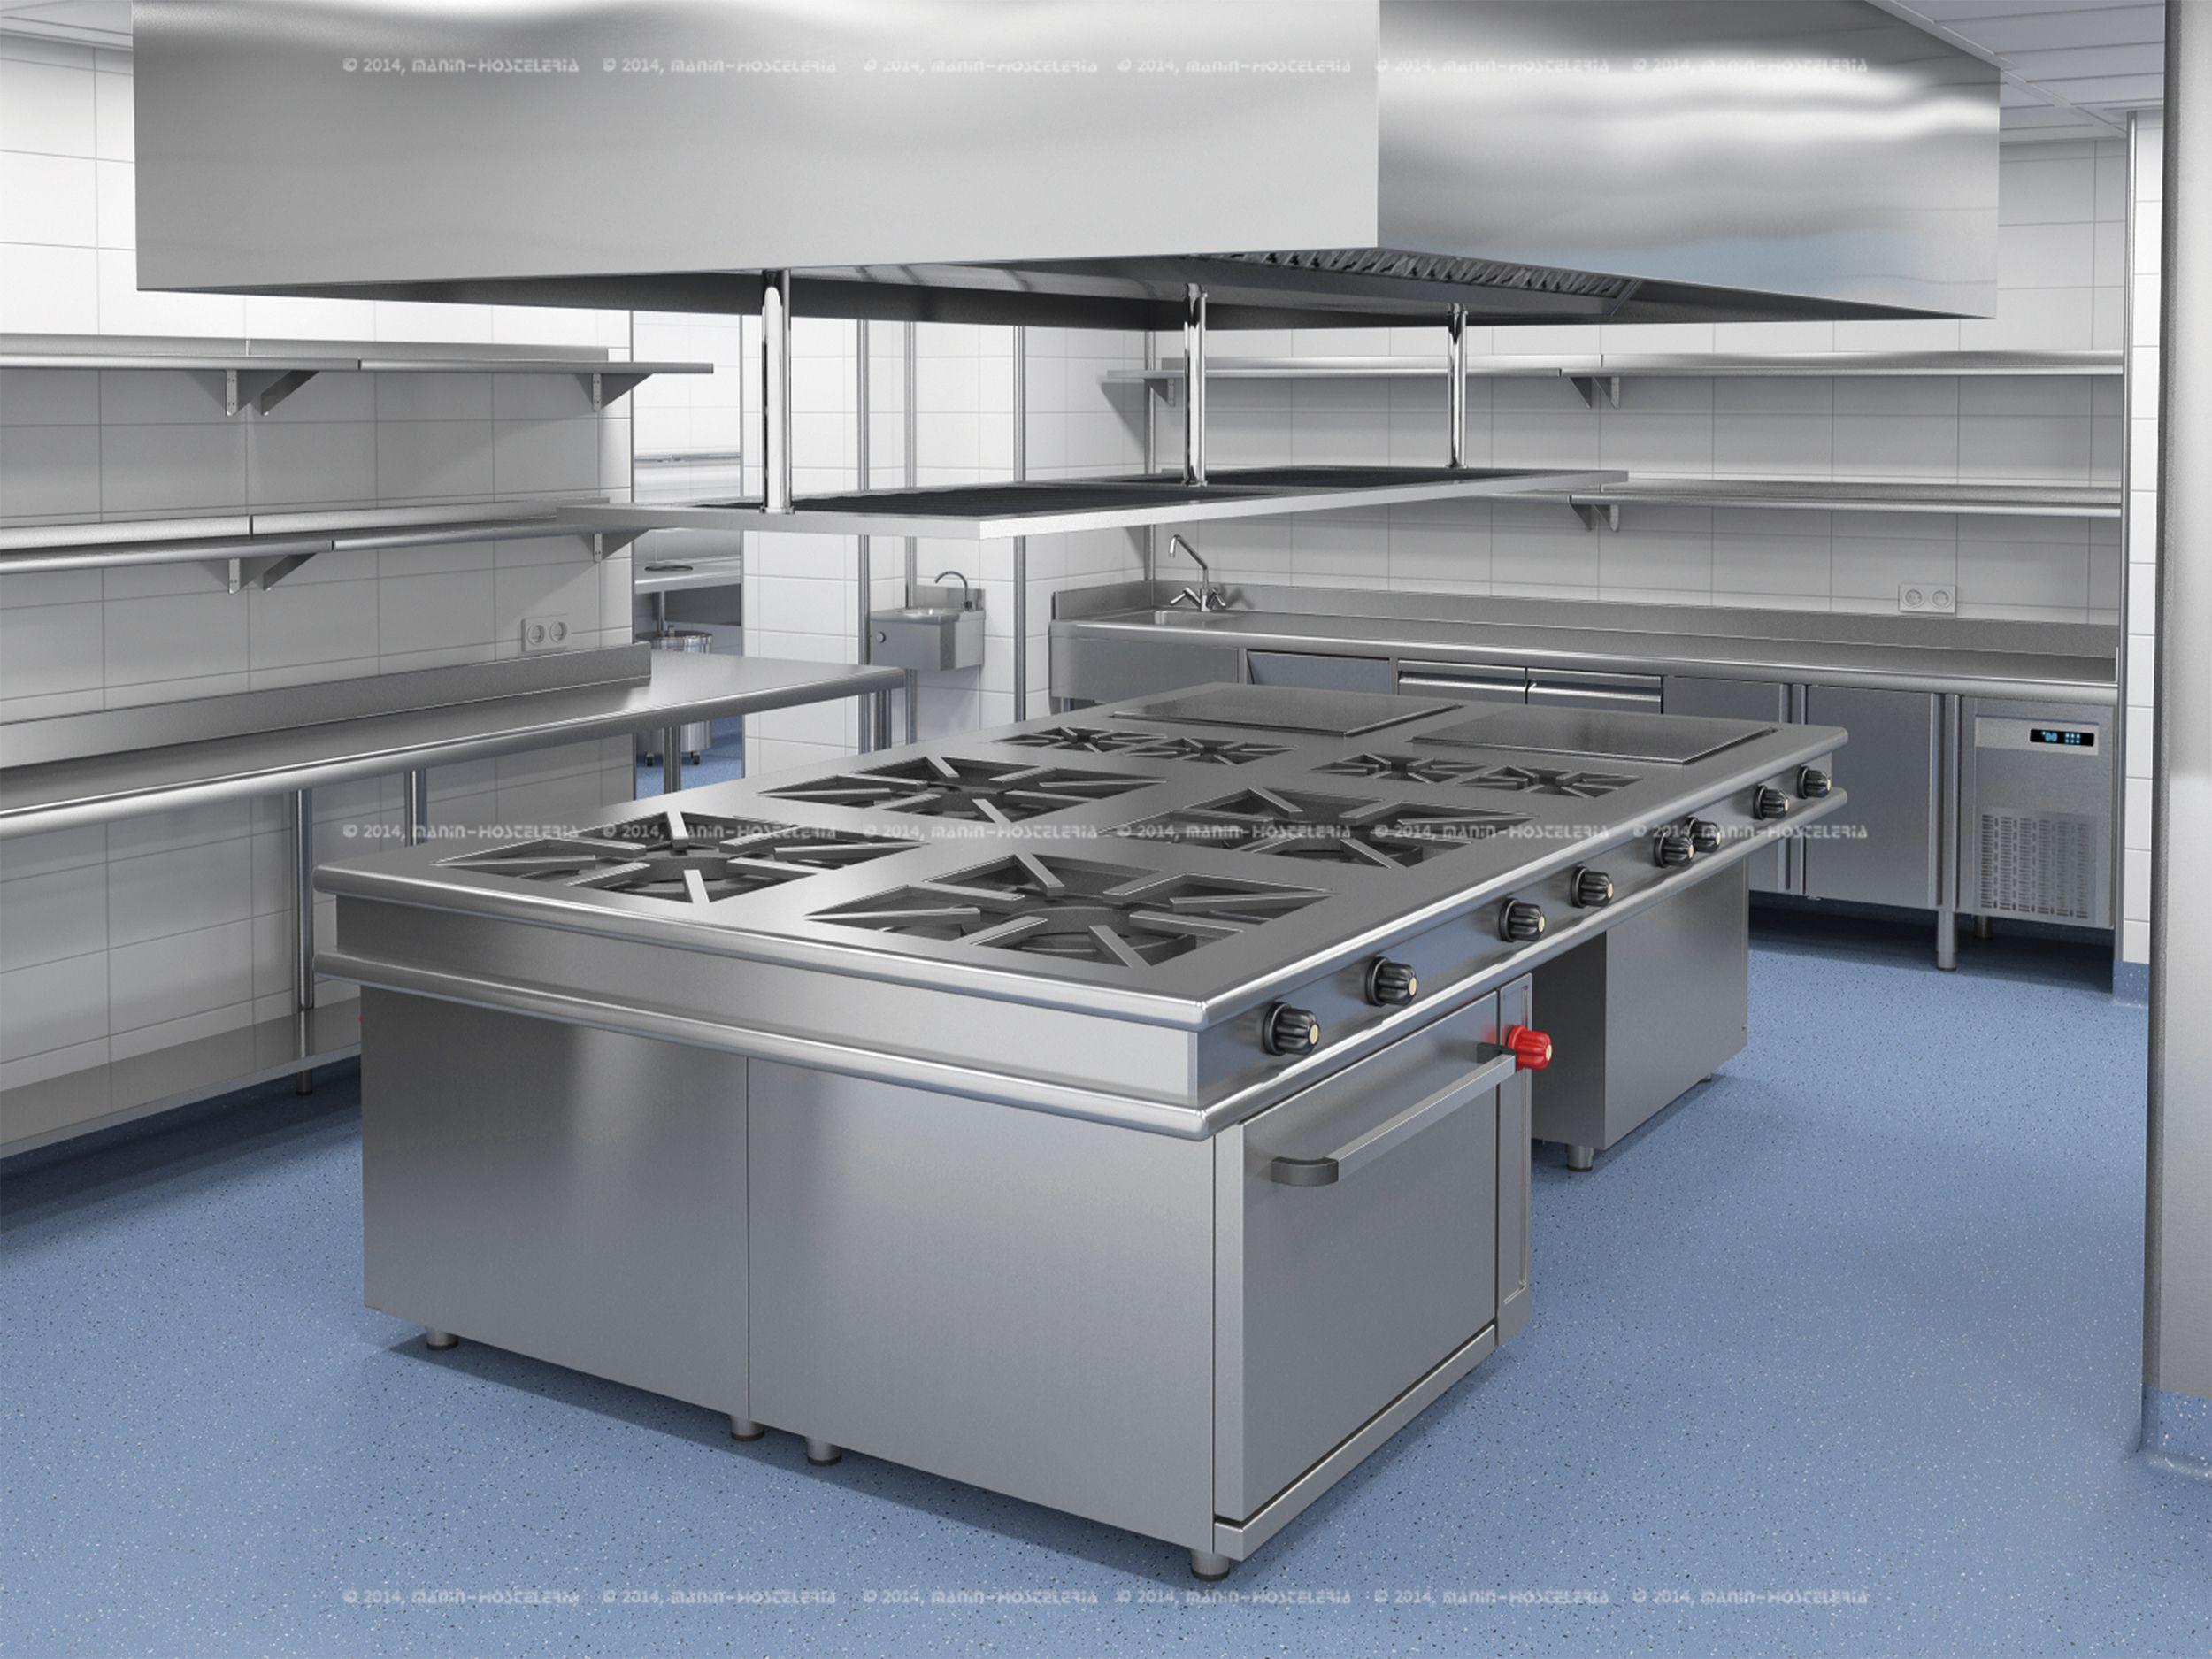 Dise o de cocina industrial en 3d y cad con rea for Costo de cocina industrial